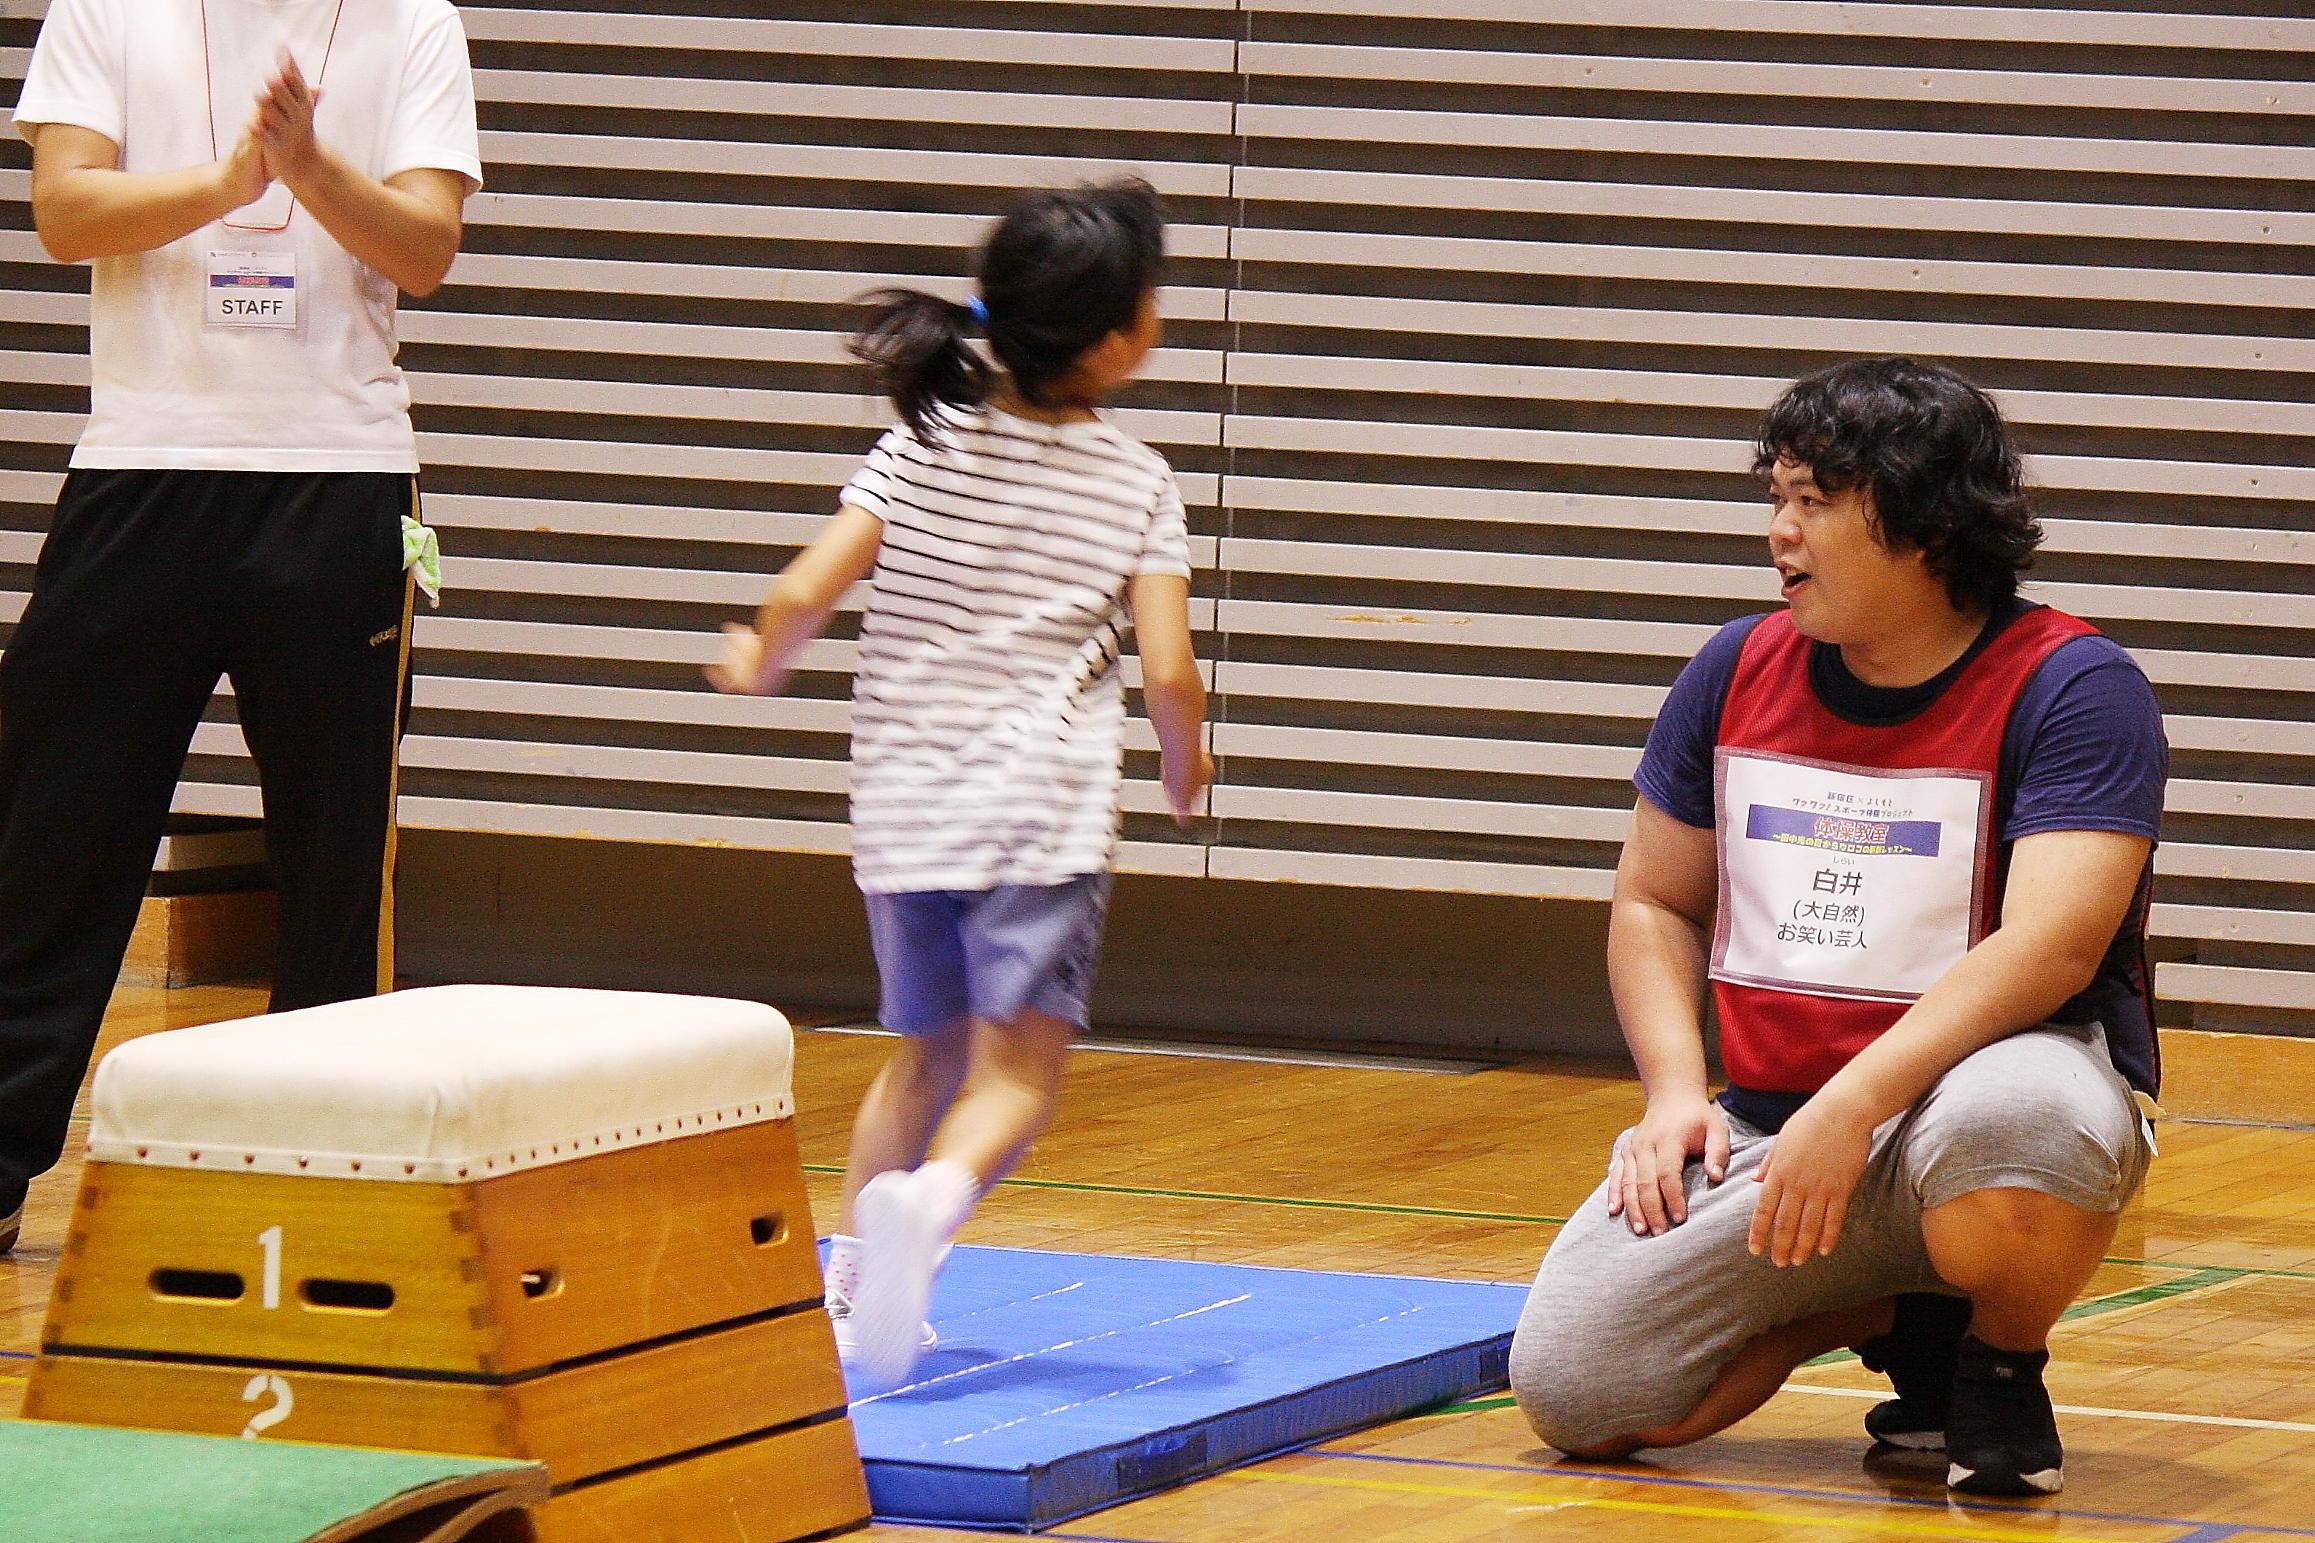 http://news.yoshimoto.co.jp/20180731120330-8af470d772168093029c410afe7debcd46a22d11.jpg